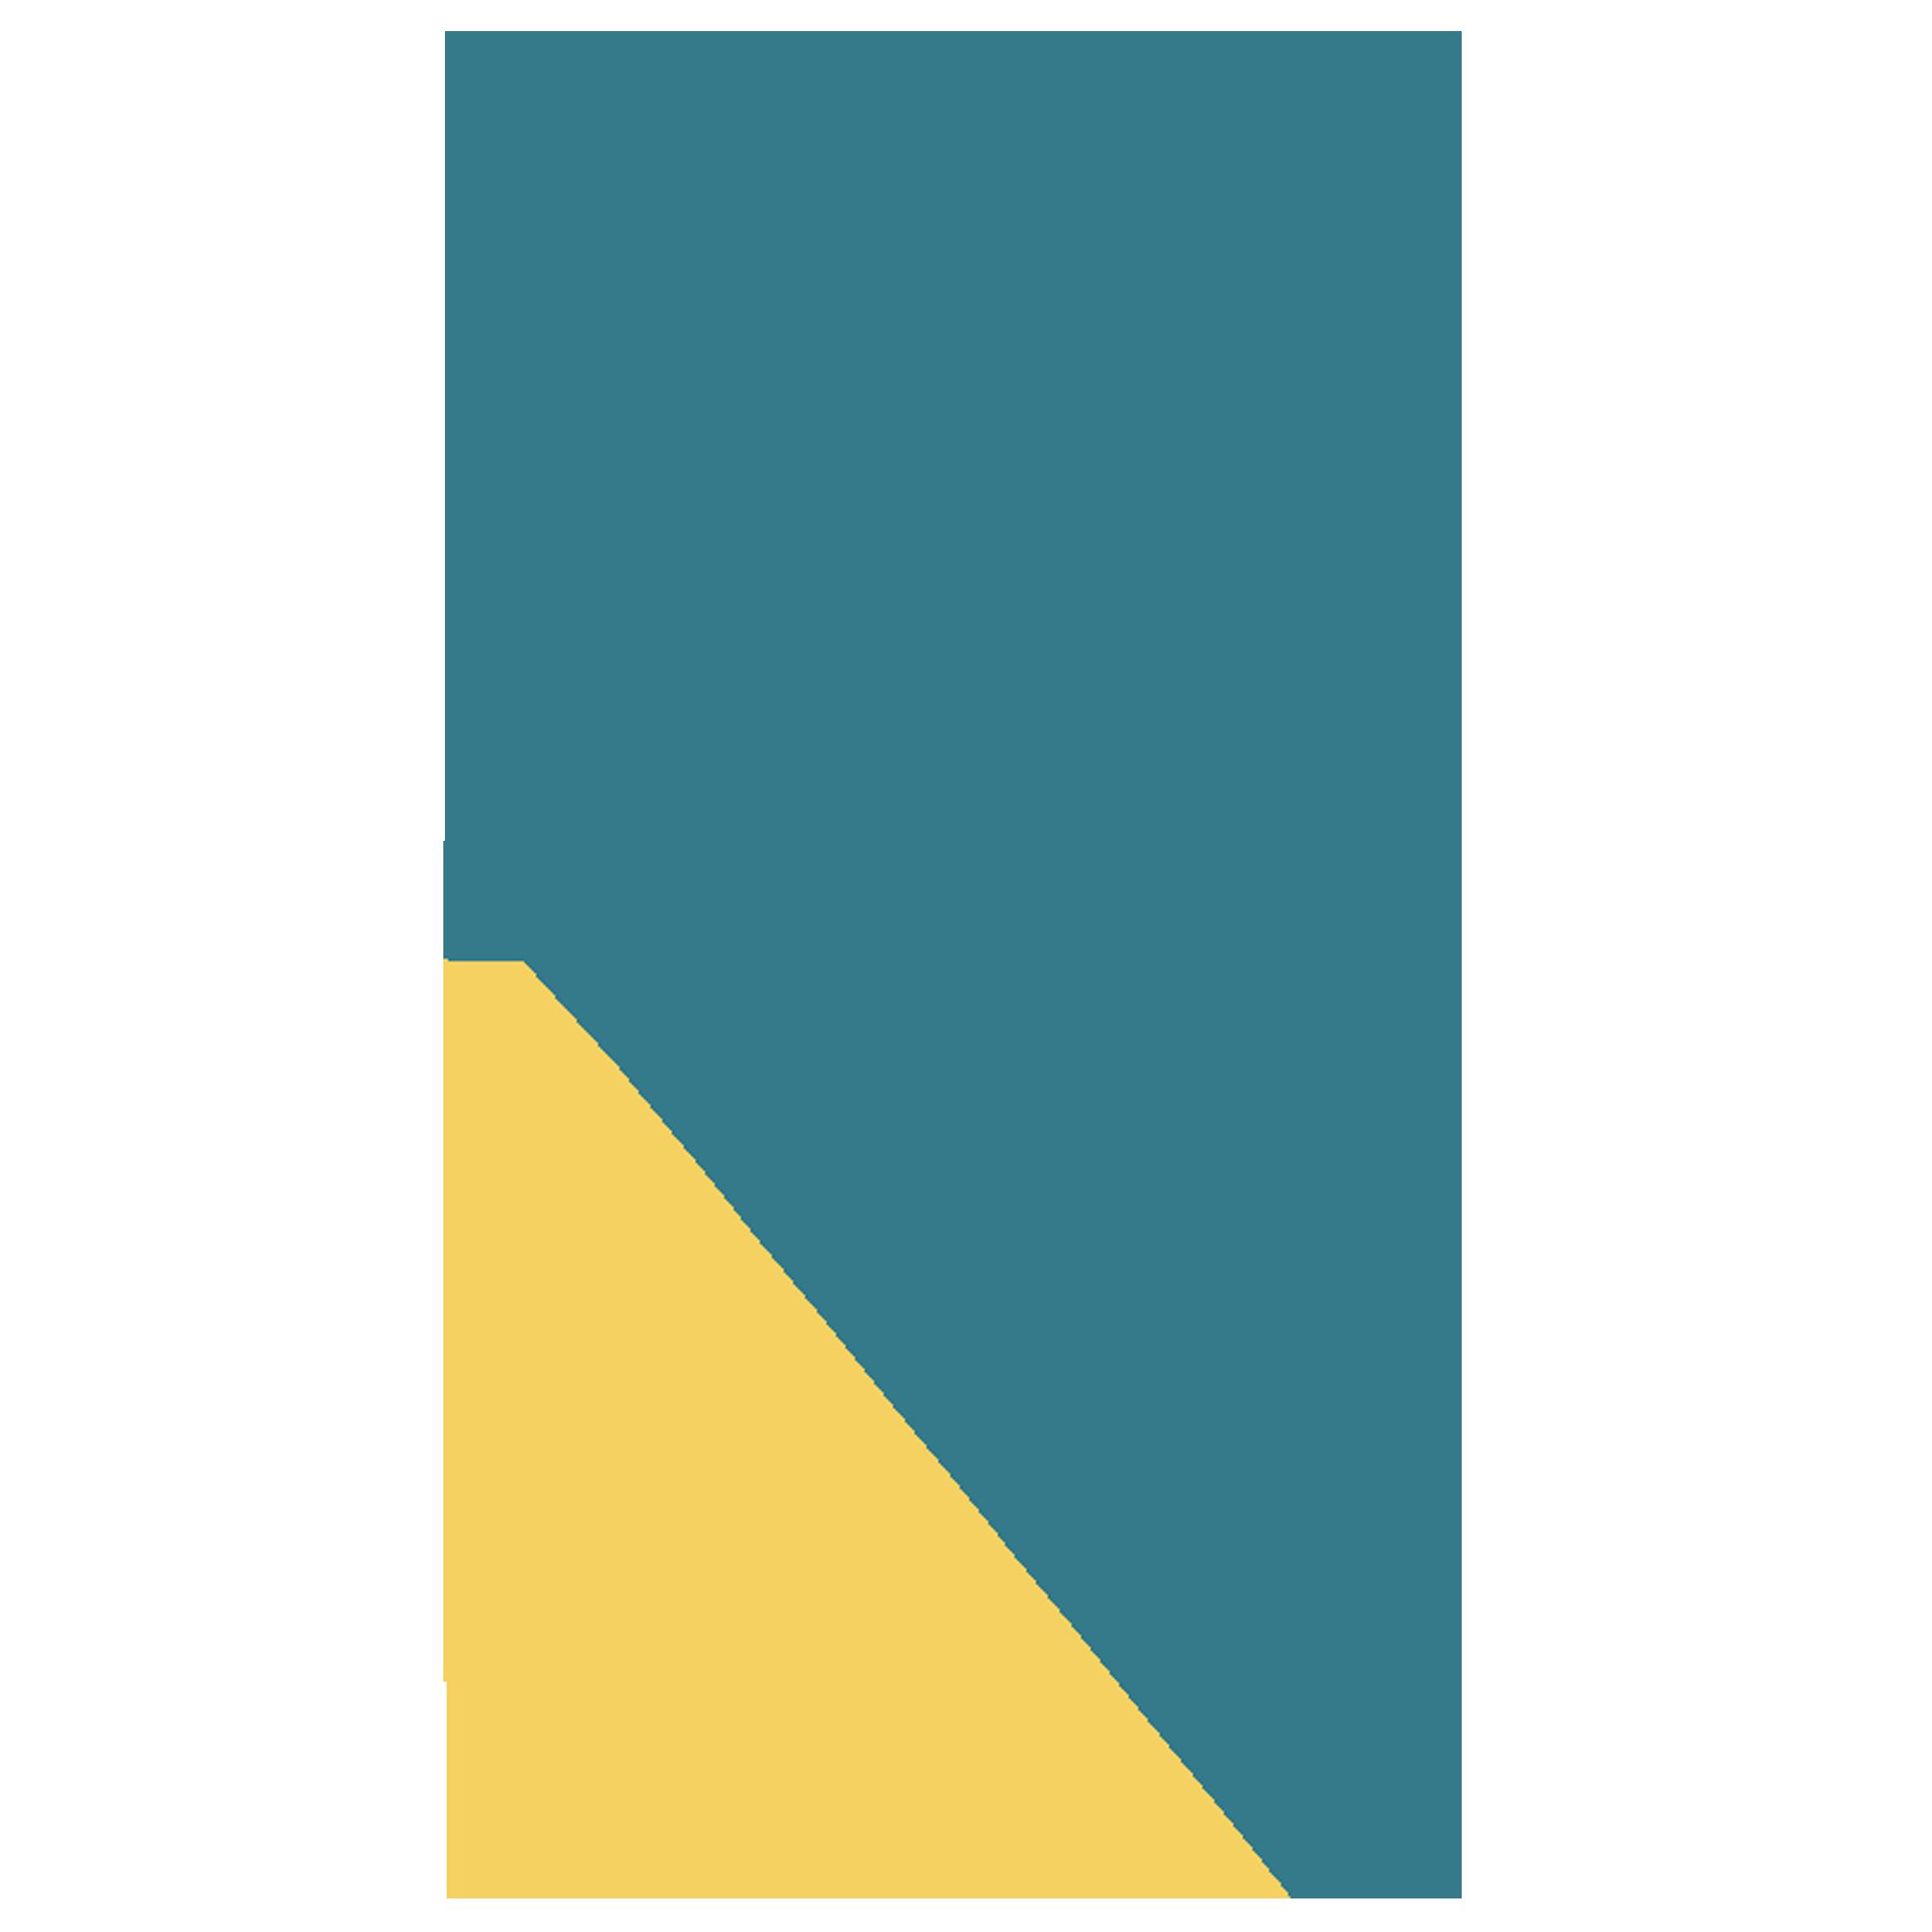 Logos KE clr simple détouré